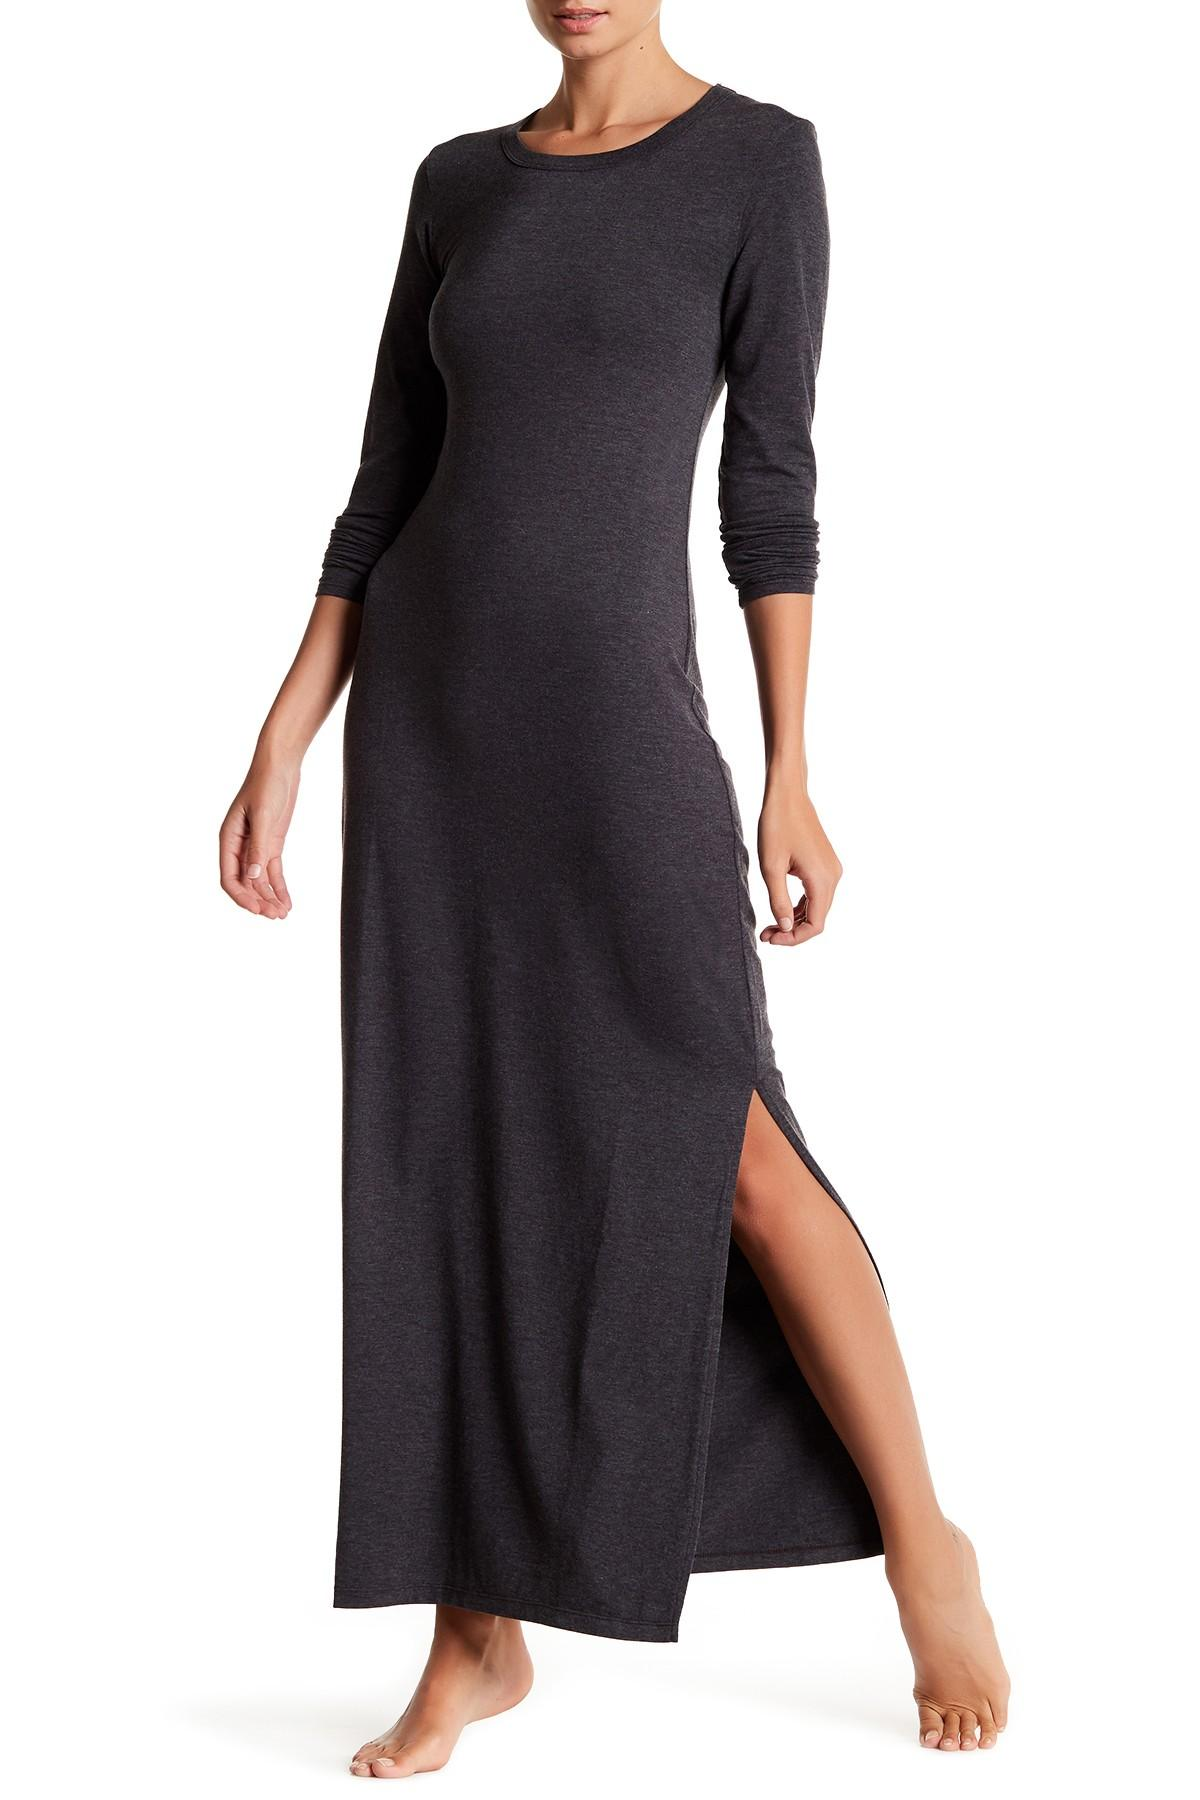 Lyst Barefoot Dreams Long Sleeve Knit Dress In Black